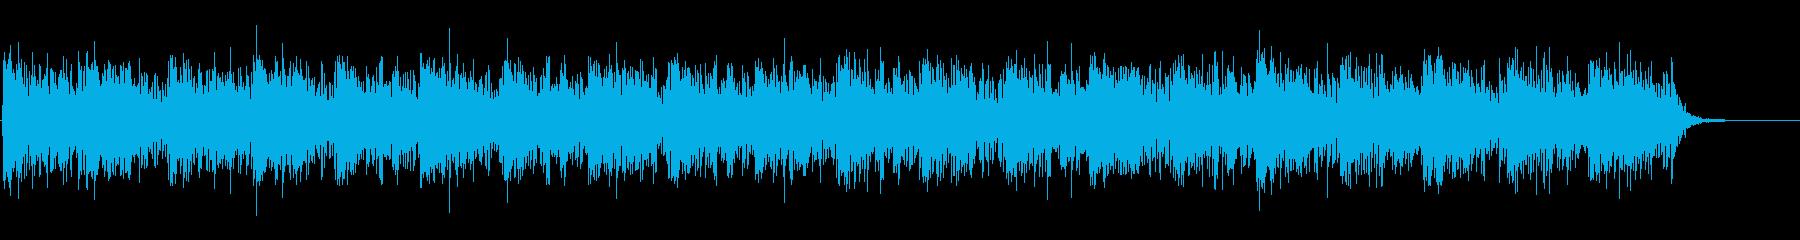 映像向けニューエイジ系のBGMの再生済みの波形